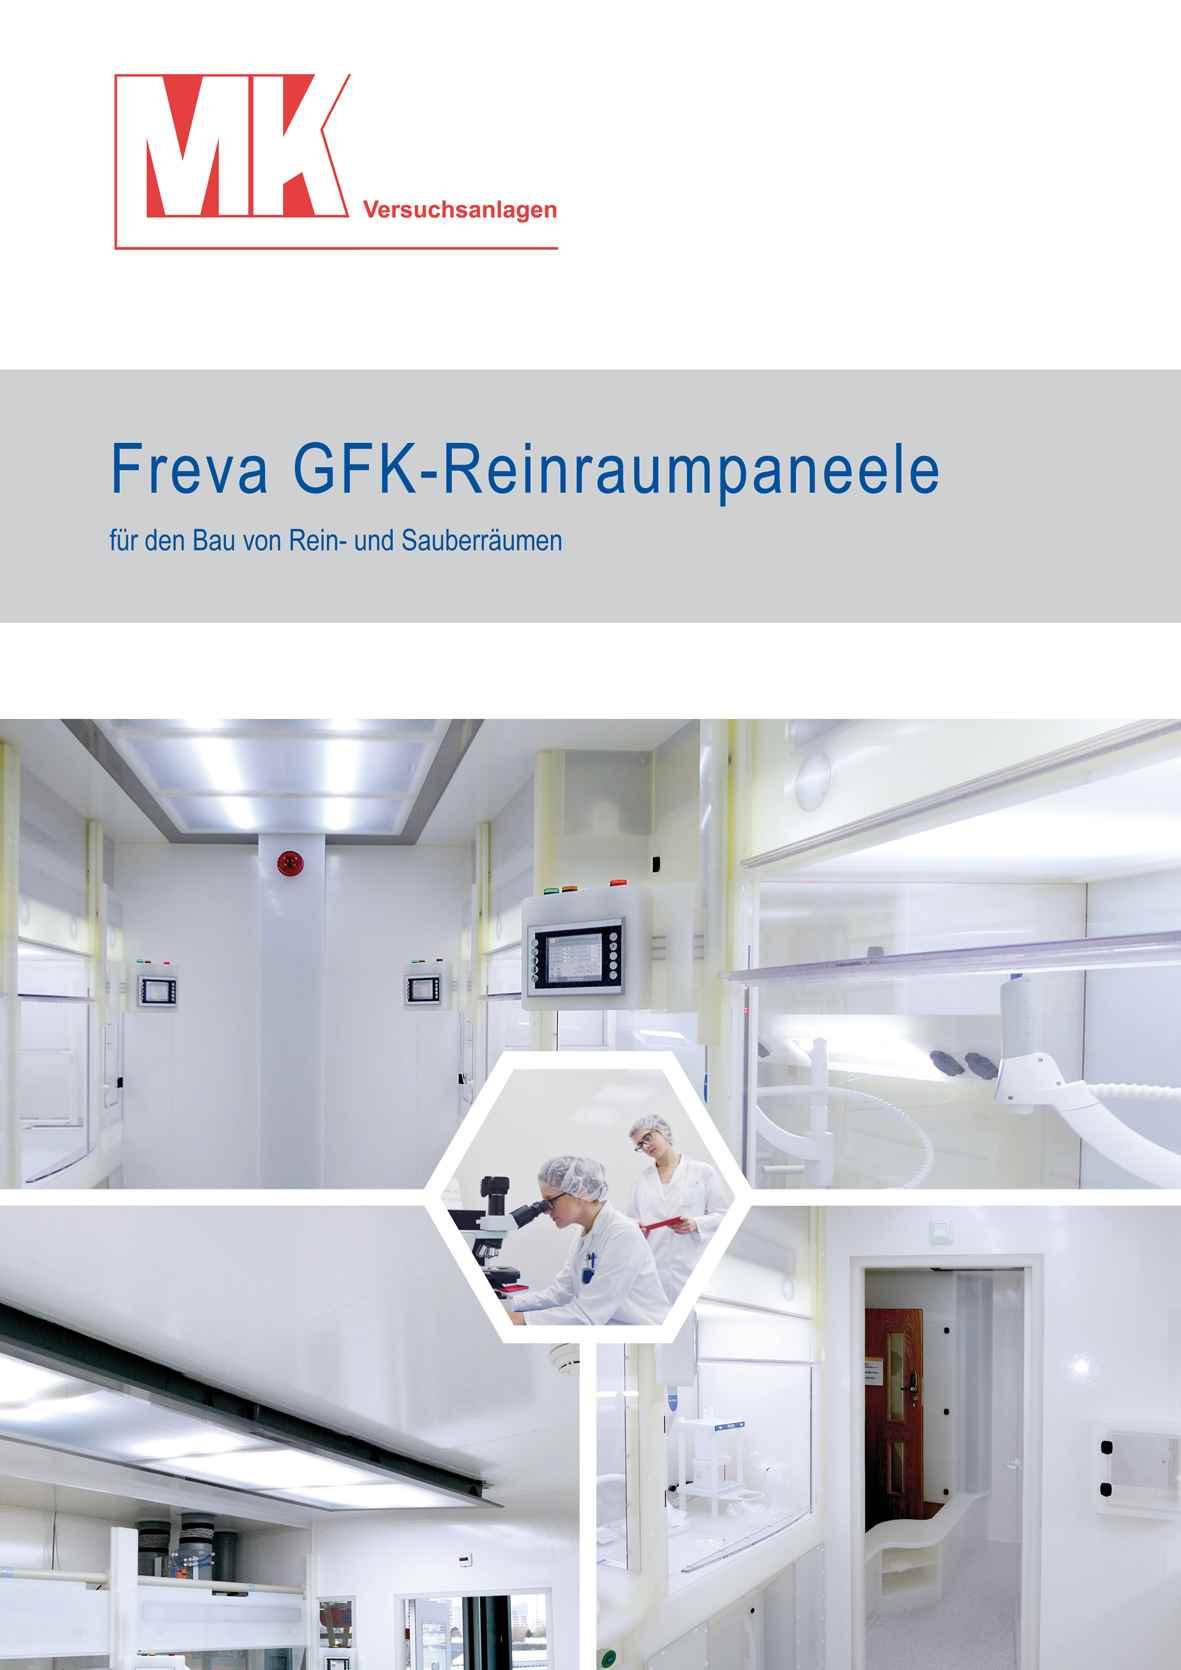 https://mk-versuchsanlagen.de/wp-content/uploads/2018/05/2018_Reinraum_Flyer_MK_Freva.jpg